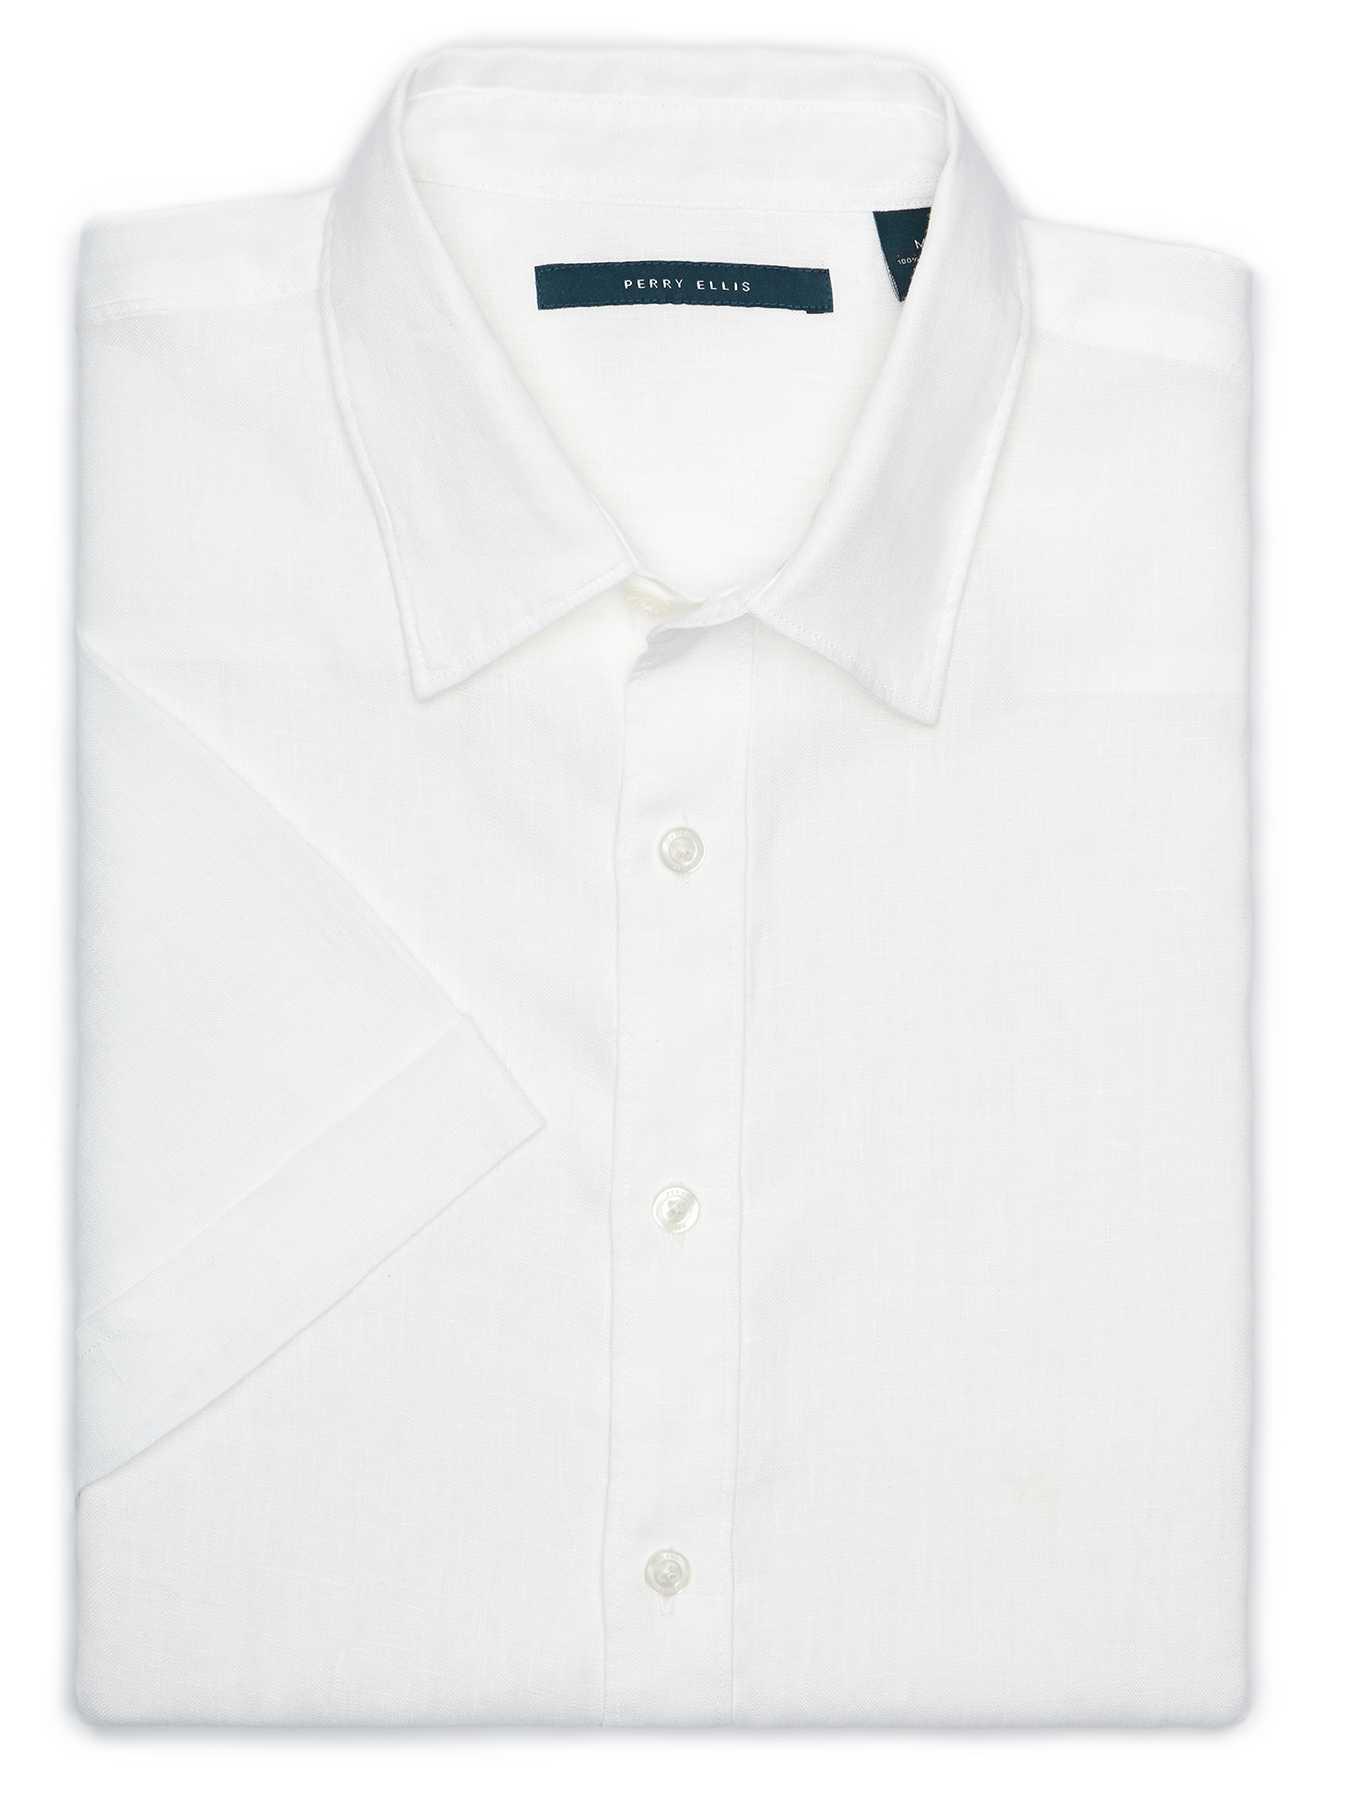 Perry Ellis Short Sleeve Linen Chambray Shirt